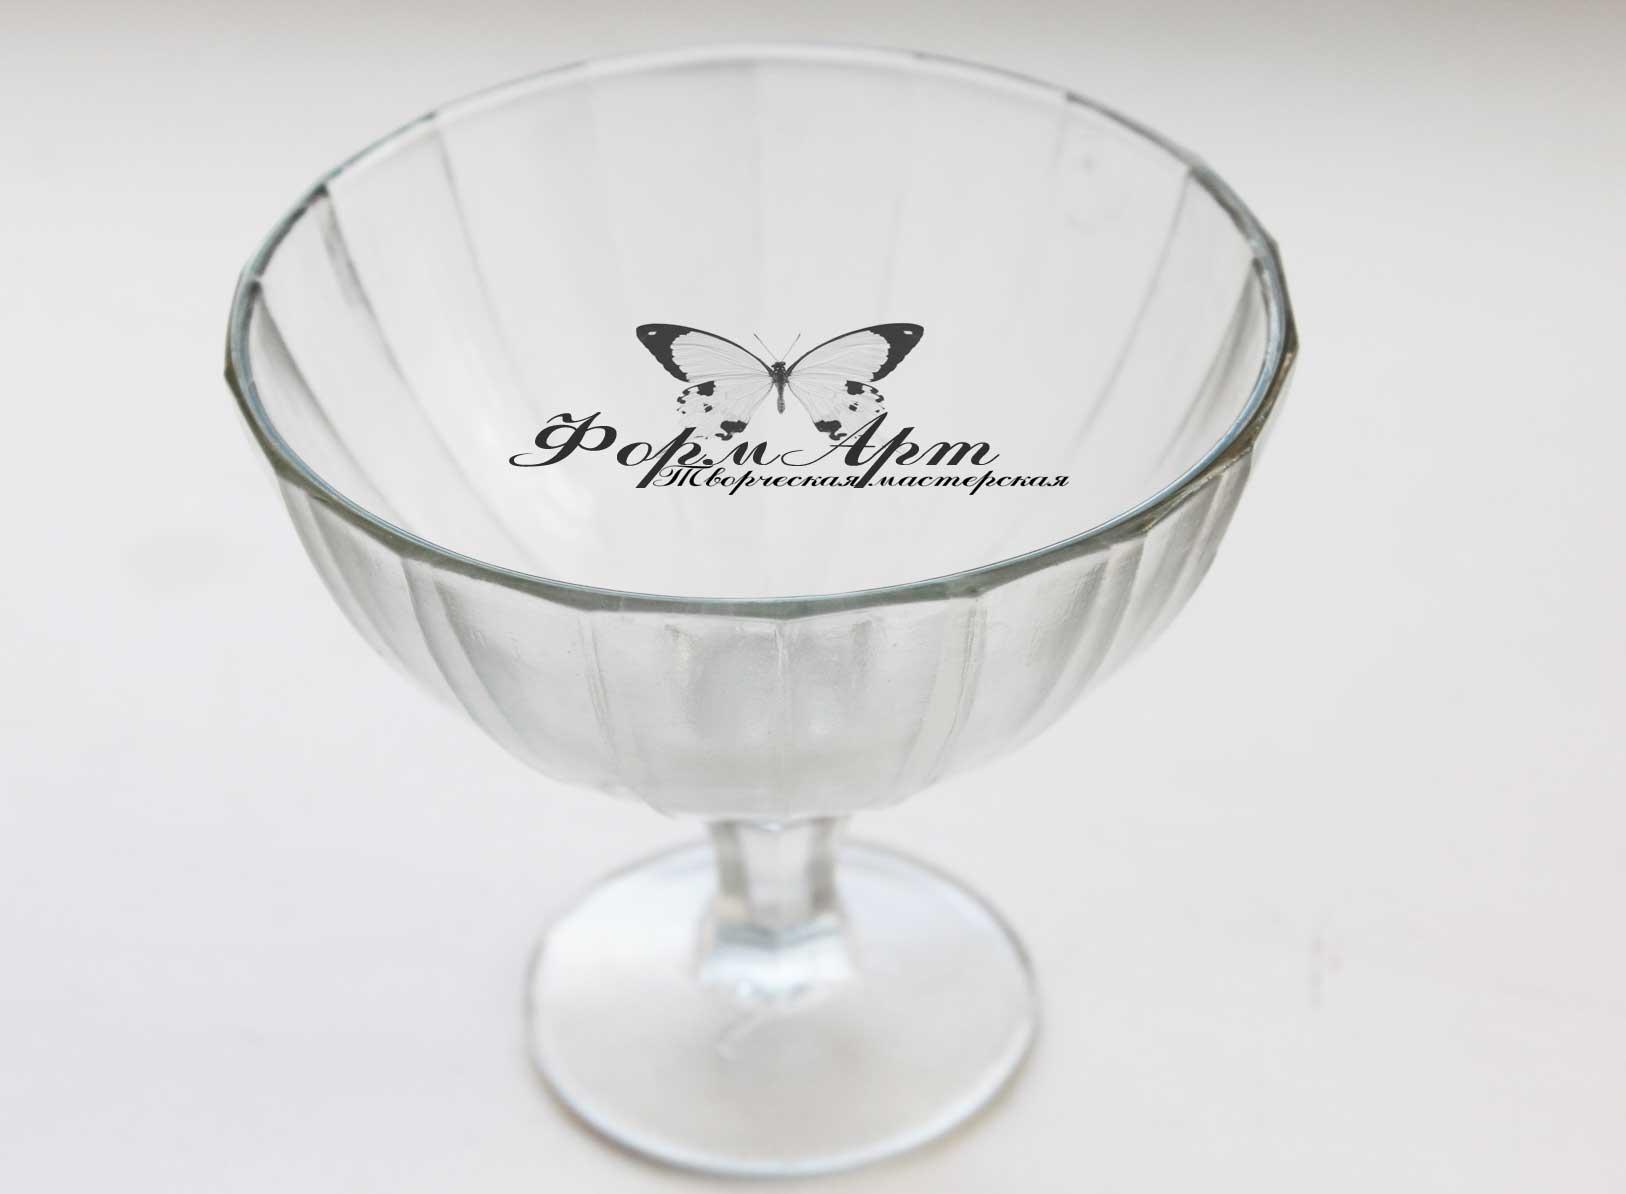 """Силиконовая форма """"Креманка малая"""" Высота 8 см, диаметр 8,5 см. Вес мыла  незаполненной креманки примерно 50 грамм."""